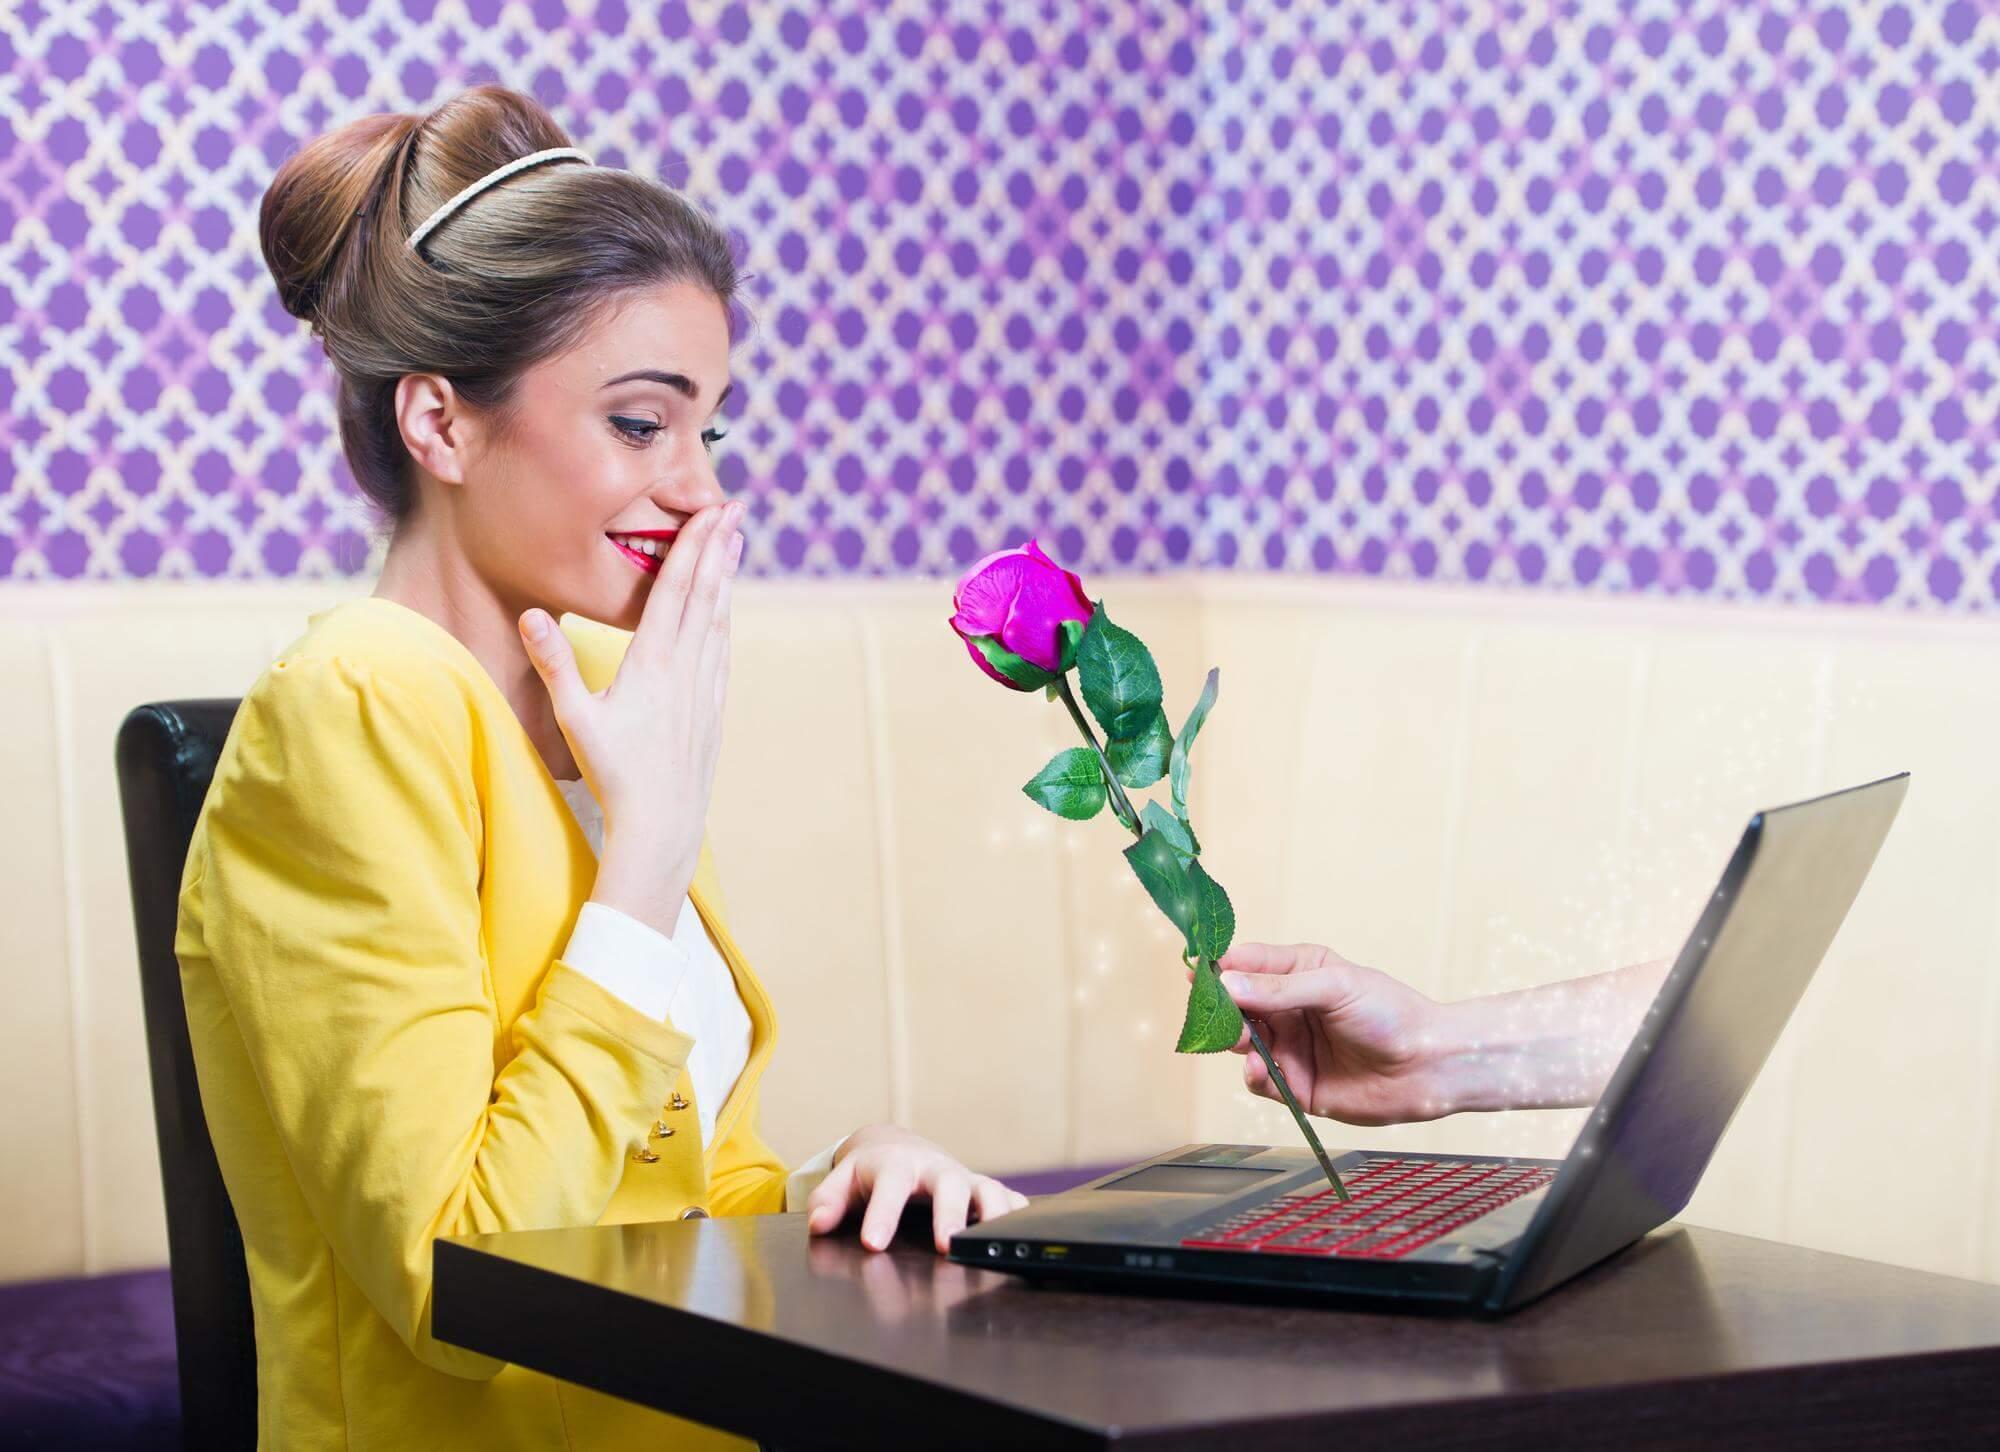 девушка знакомится онлайн